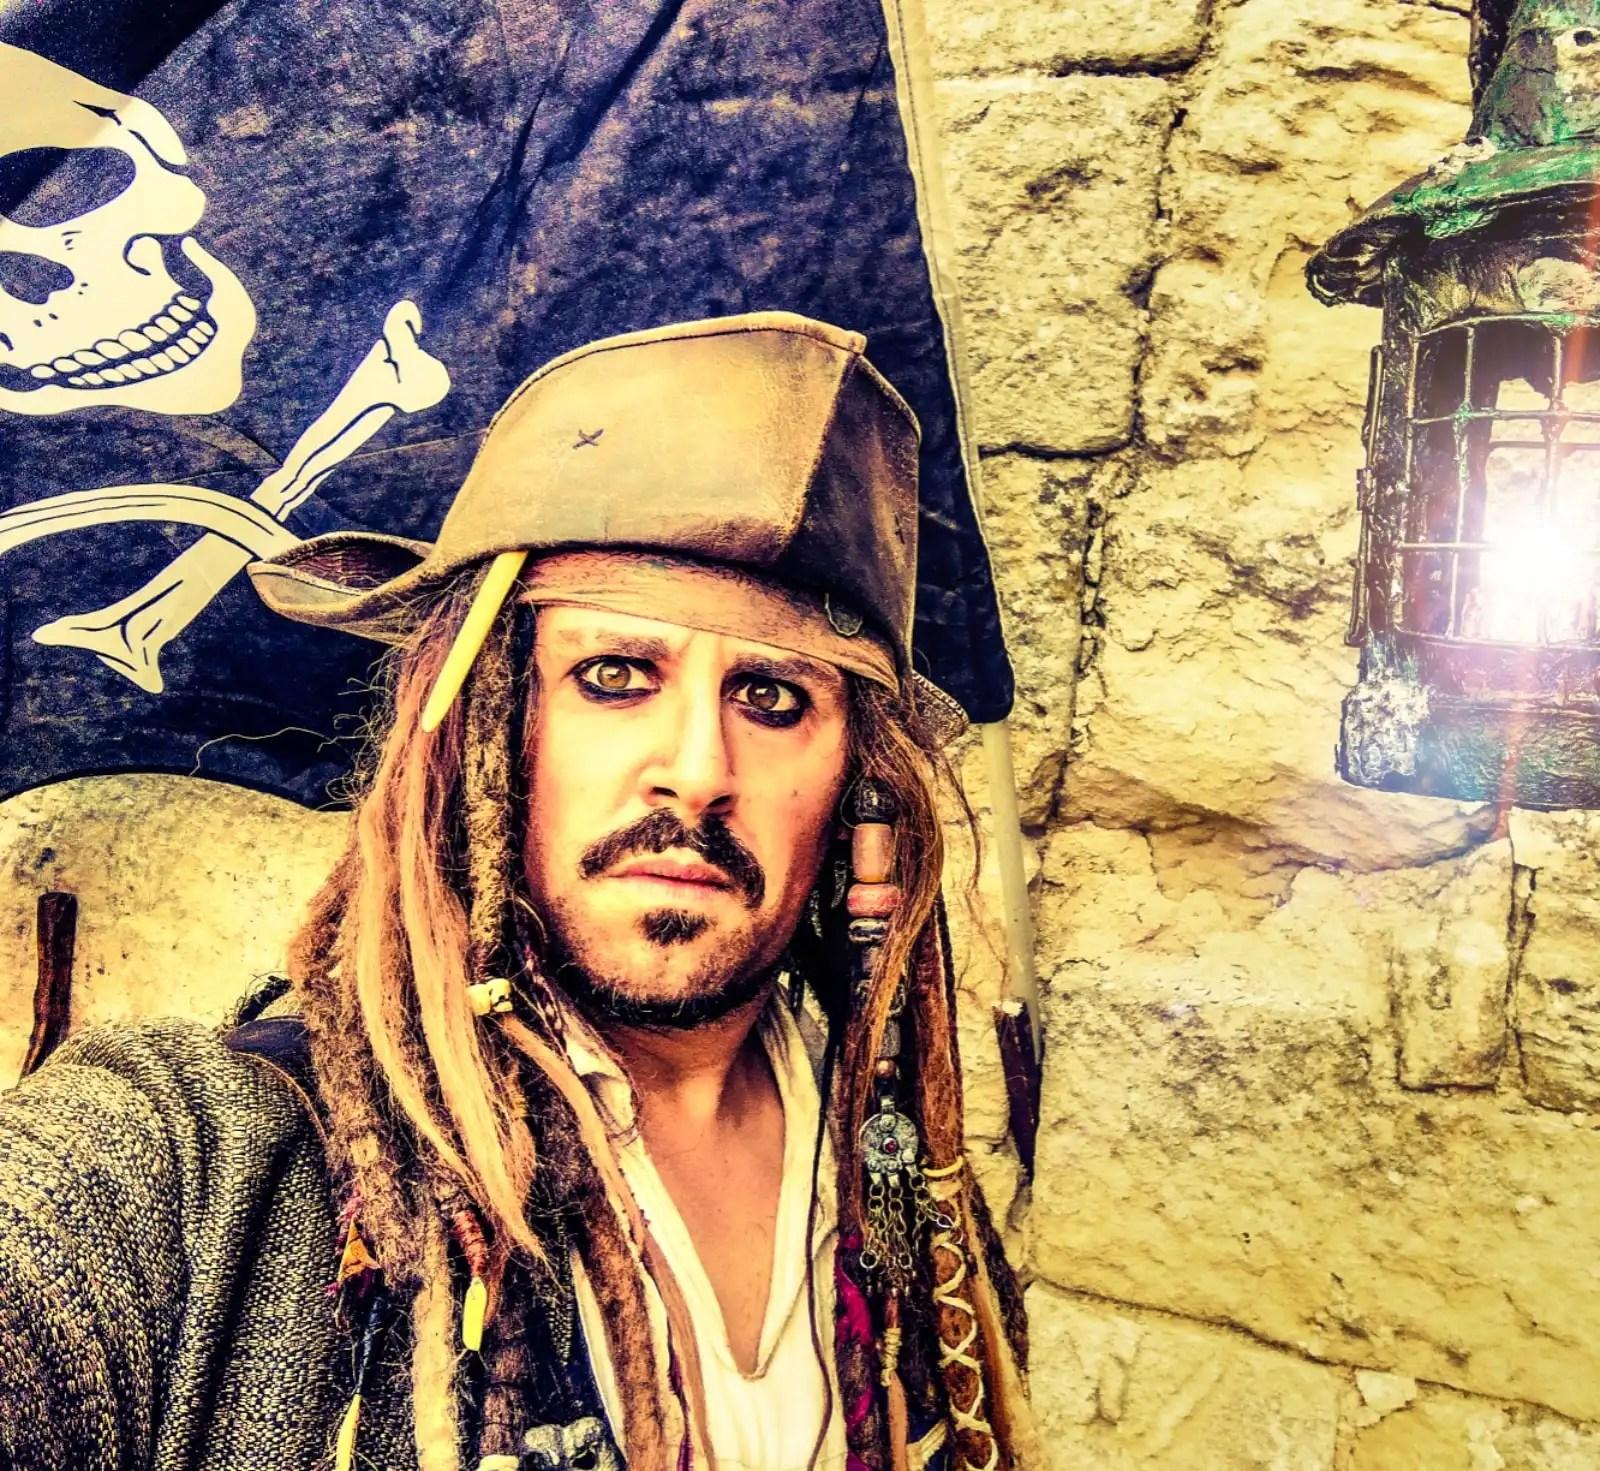 Attenta ciurma! Il capitano Jack Sparrow è qui